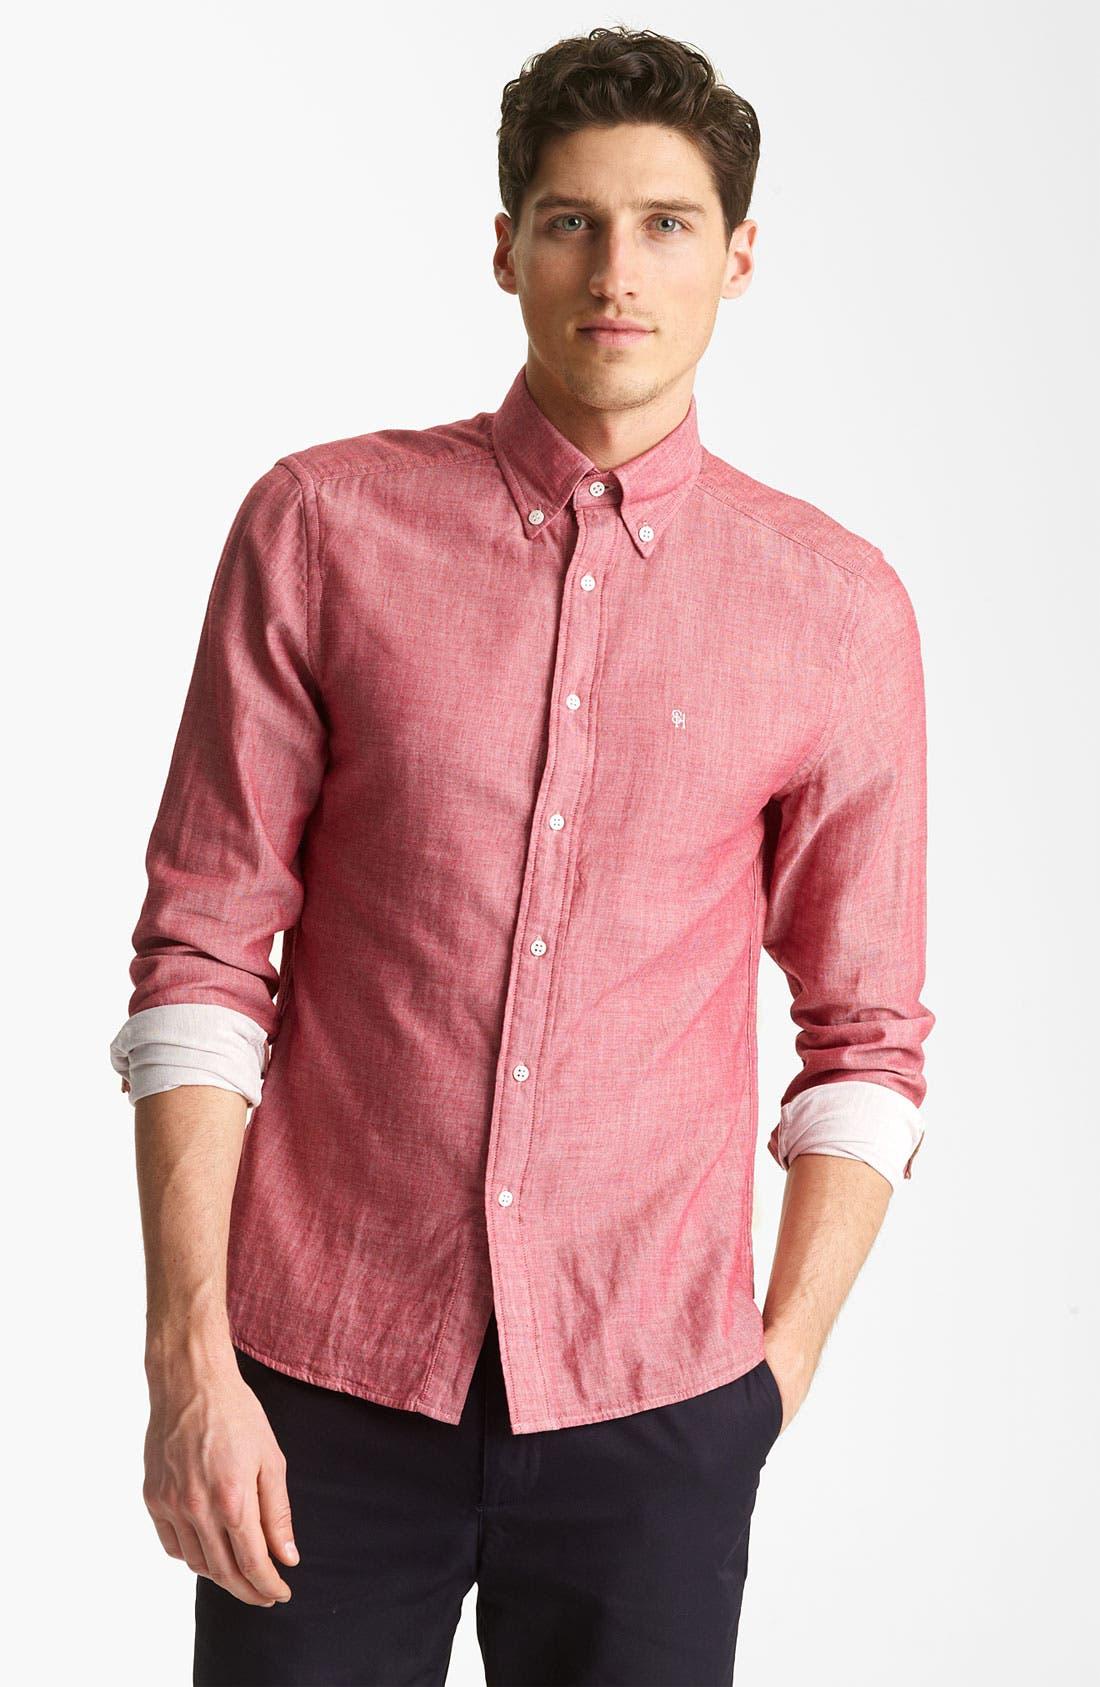 Main Image - Shipley & Halmos 'Booster' Chambray Shirt